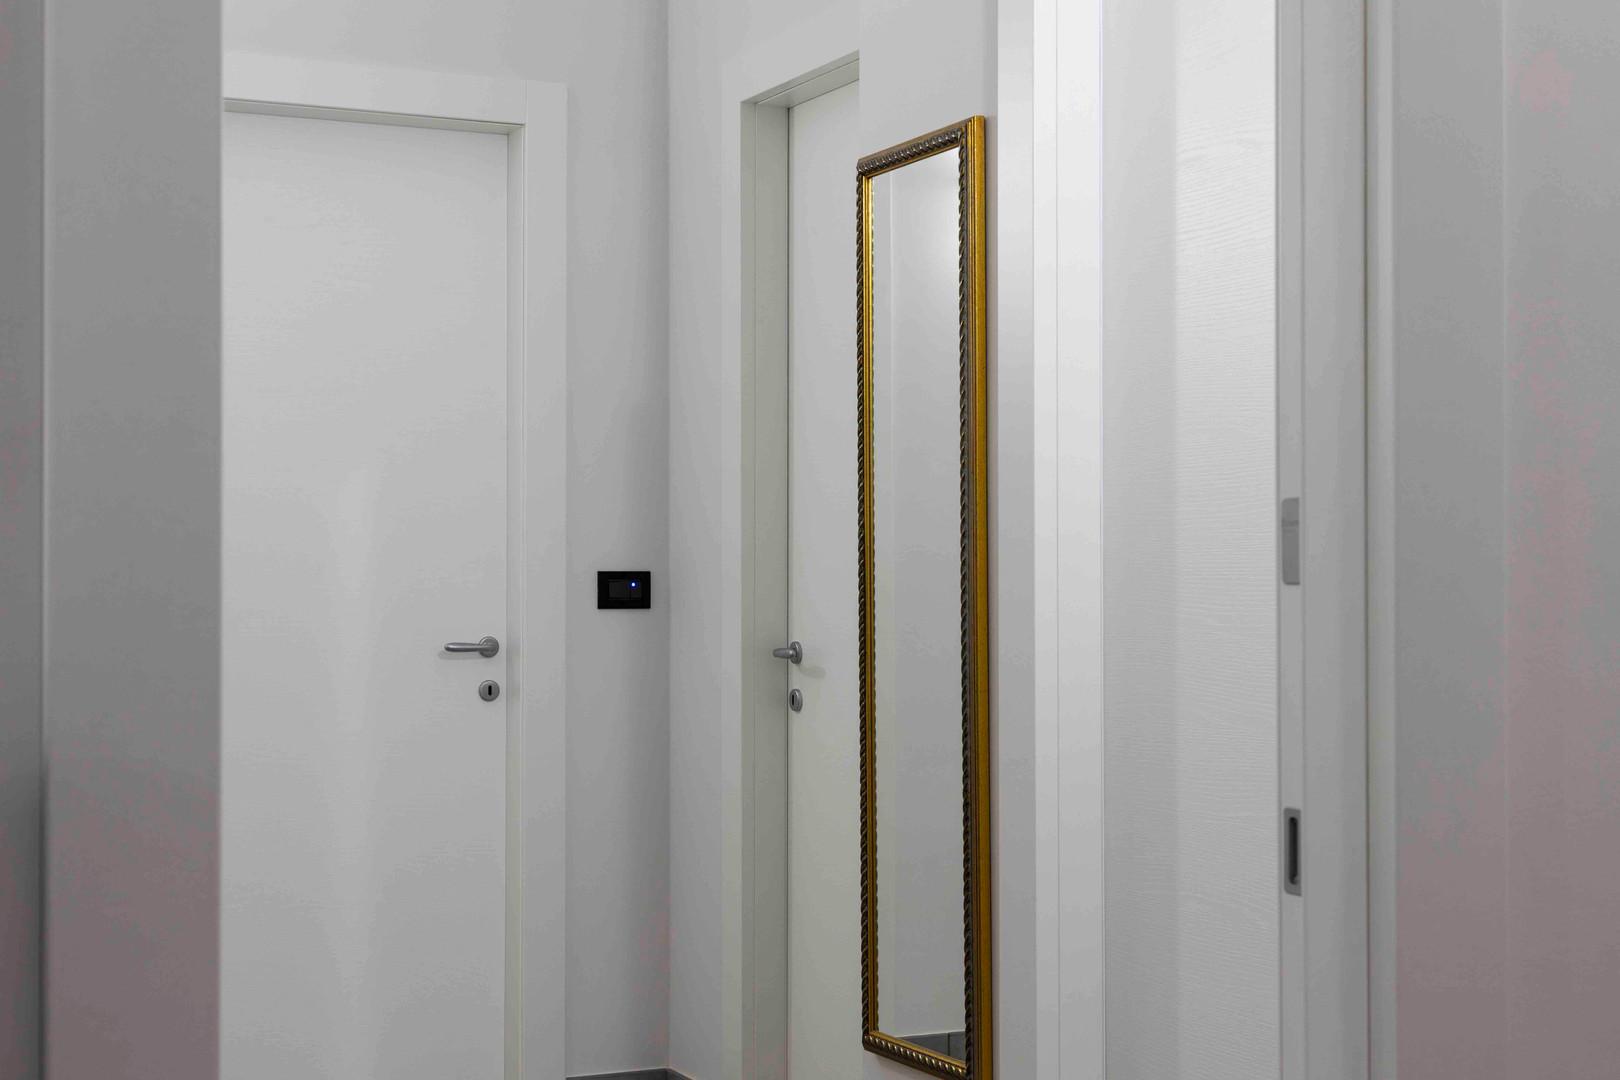 porta interna bianca liscia5.jpeg